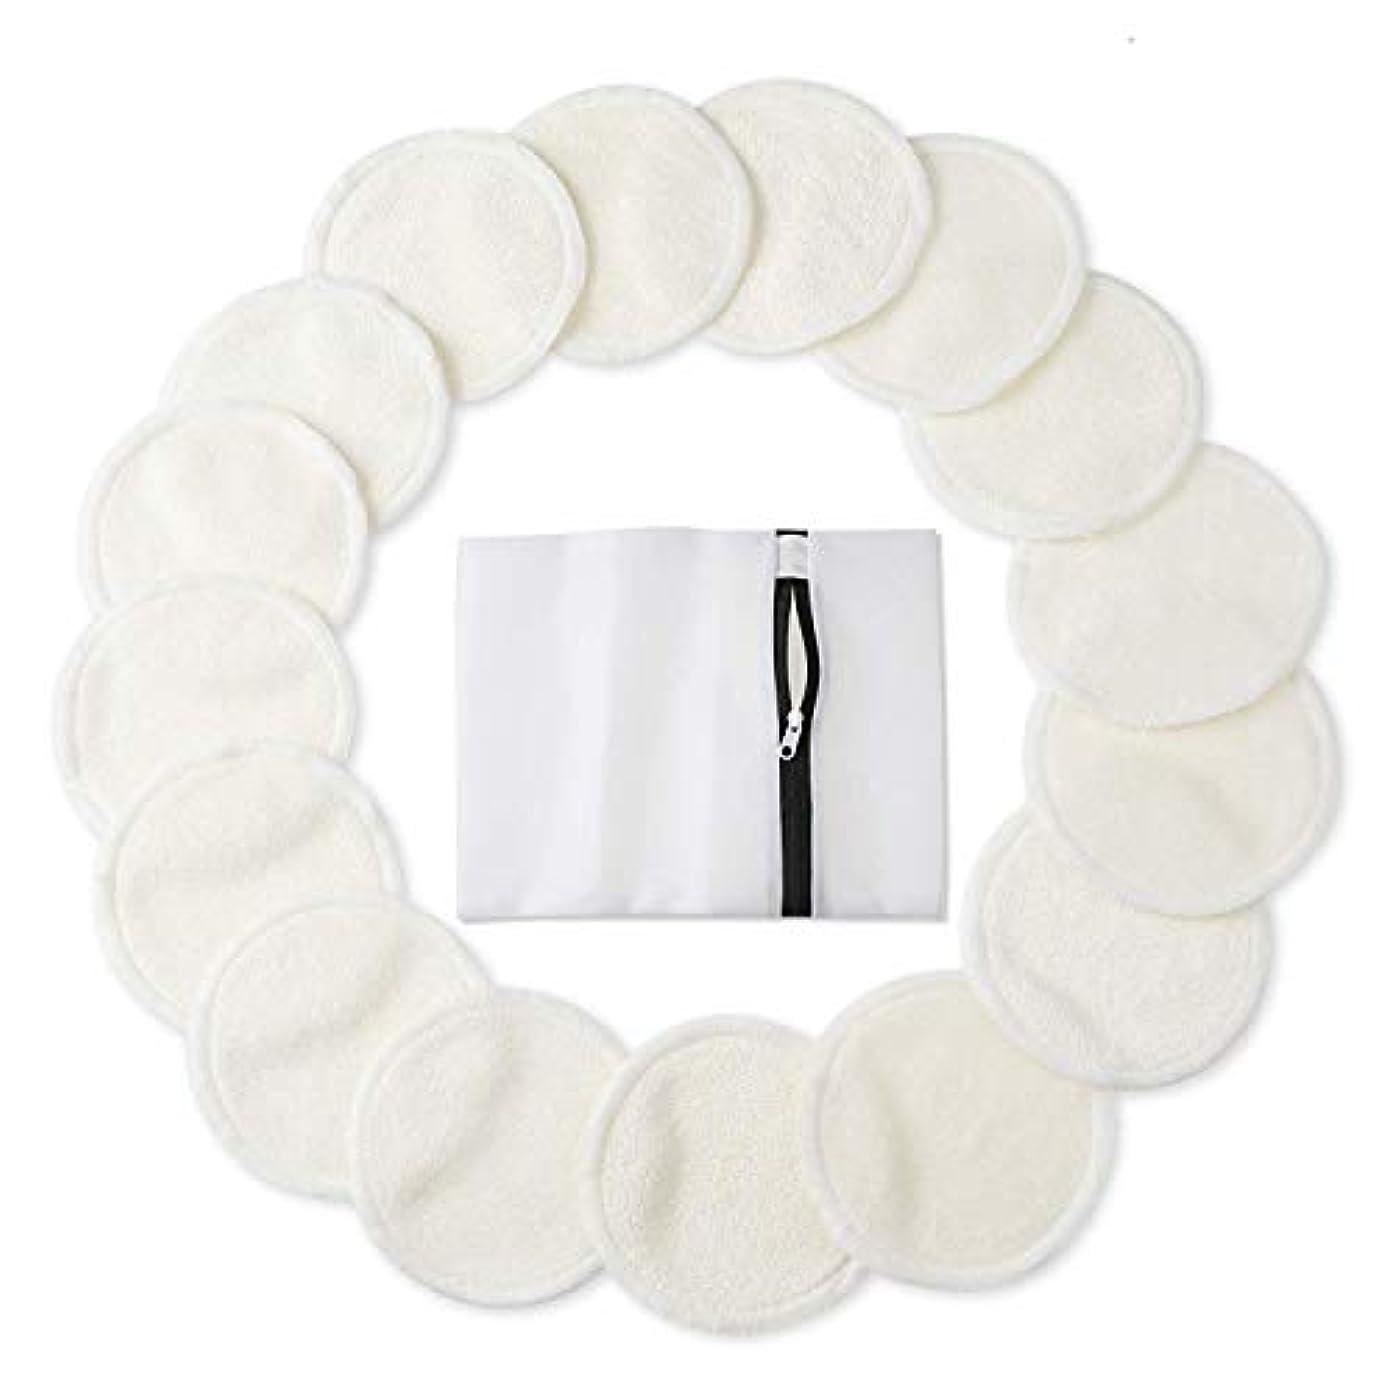 のれん病気遮るPhogary 竹 メイクアップリムーバーパッドアイメイク削除顔用ランドリーバッグ洗える洗顔布で再利用可能な有機竹コットンラウンドワイプ3.15 2層